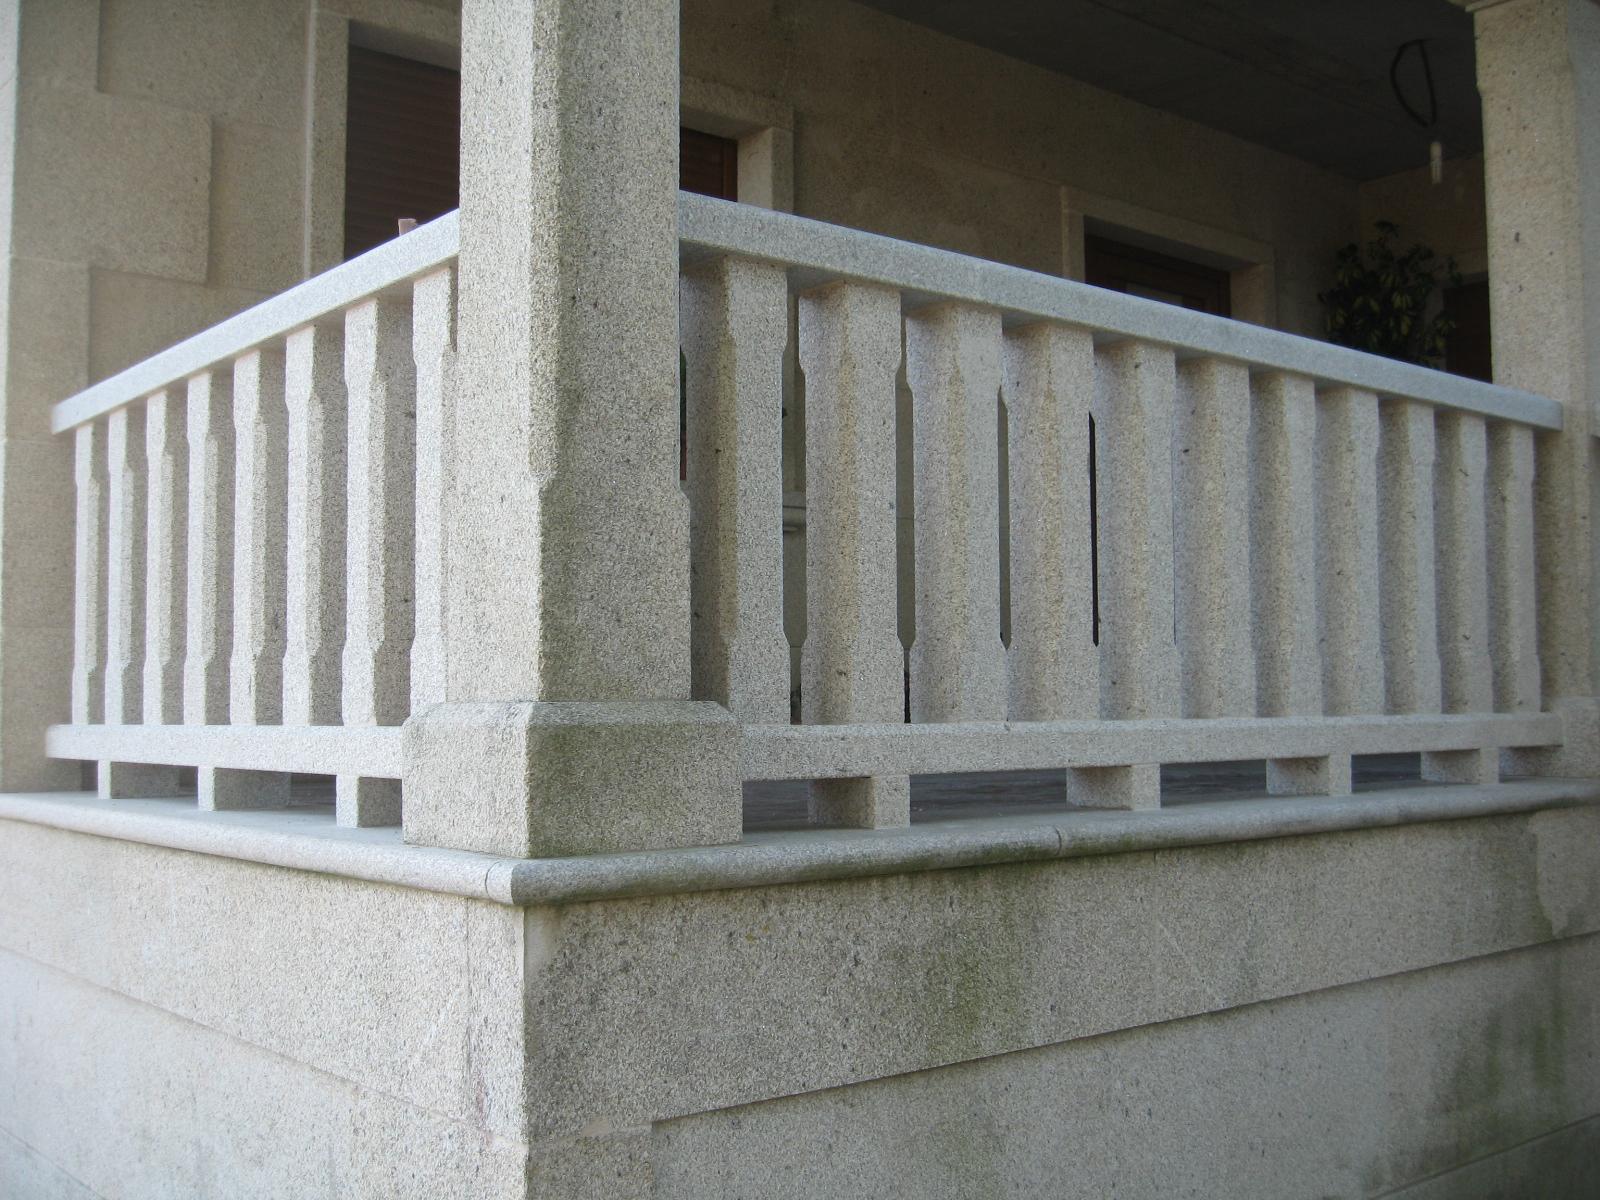 Balc n con balaustrada de piedra pedri as - Balaustres de piedra ...